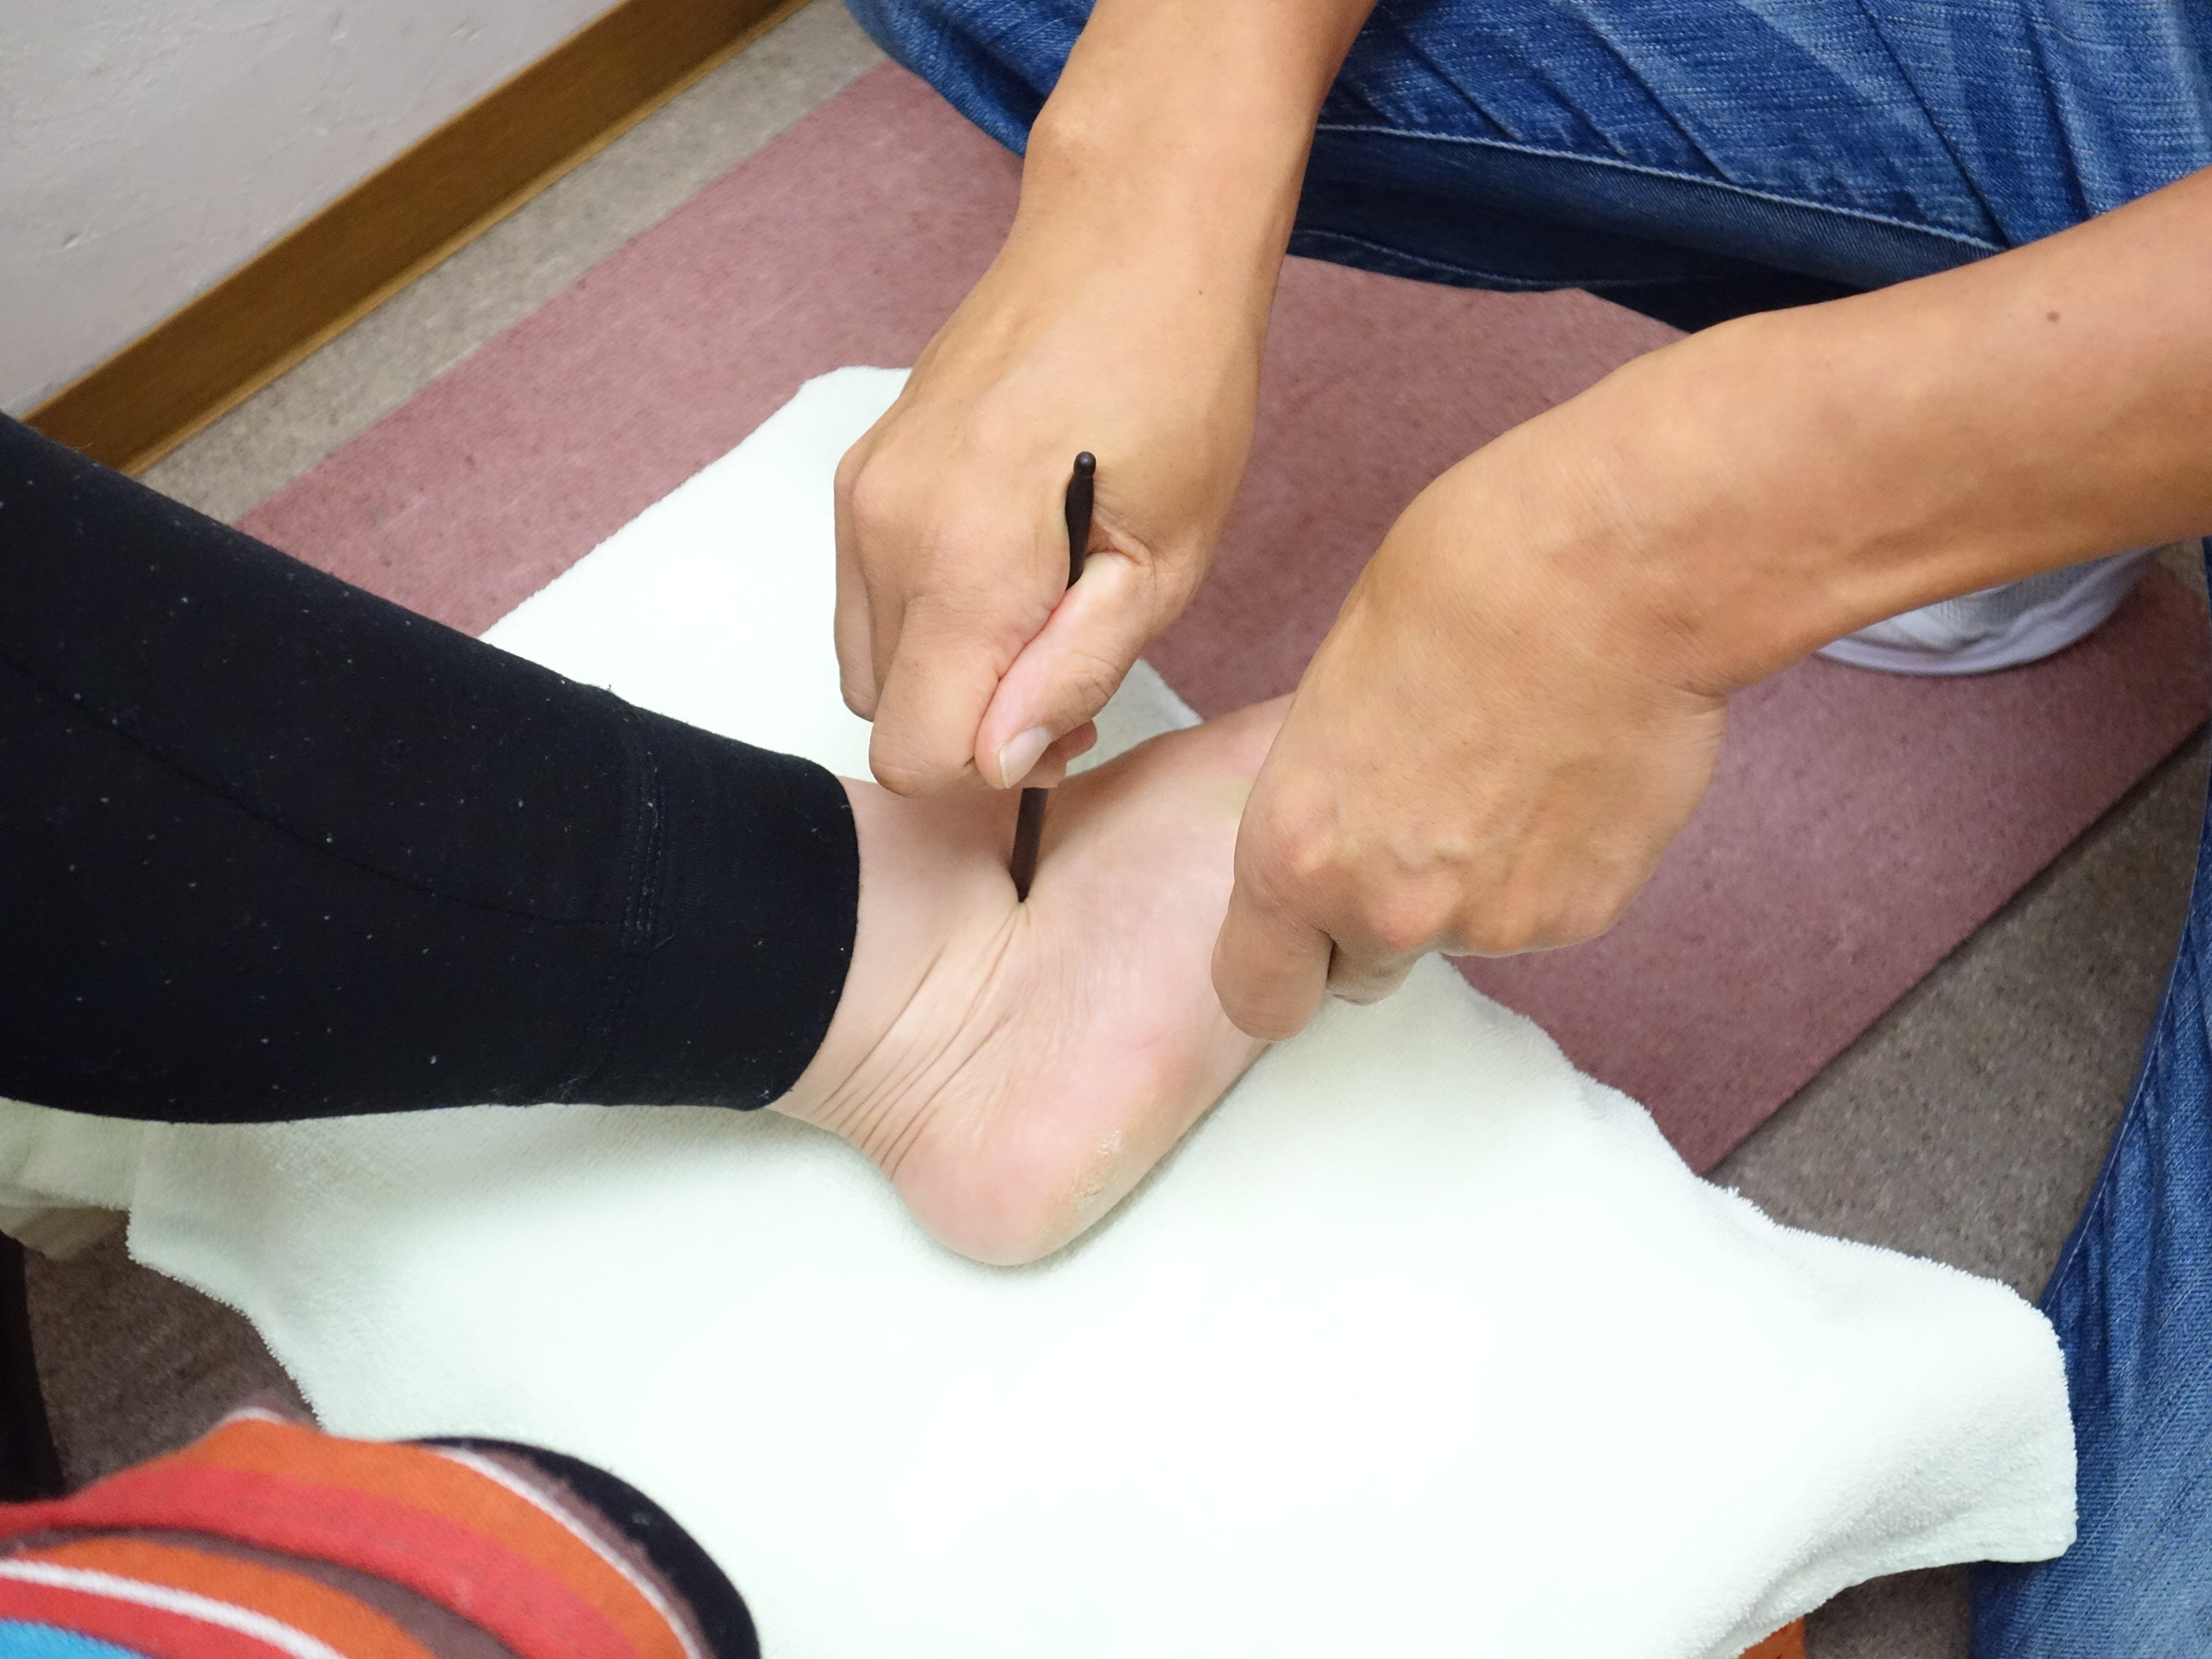 遠絡(えんらく)療法で寝違えの治療をしている女性の写真